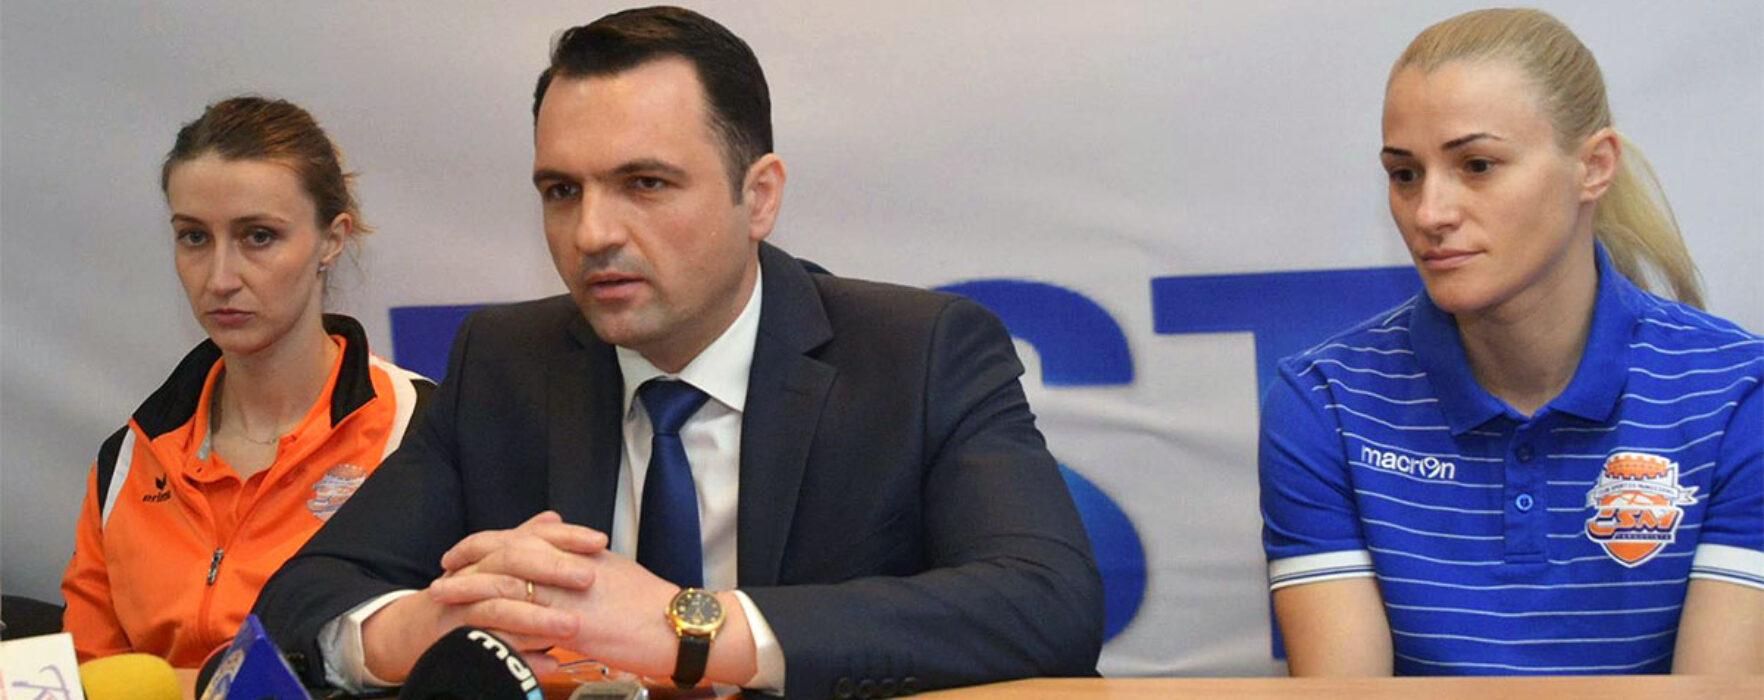 Târgovişte: Semifinale la volei şi baschet pentru CSM în acest weekend